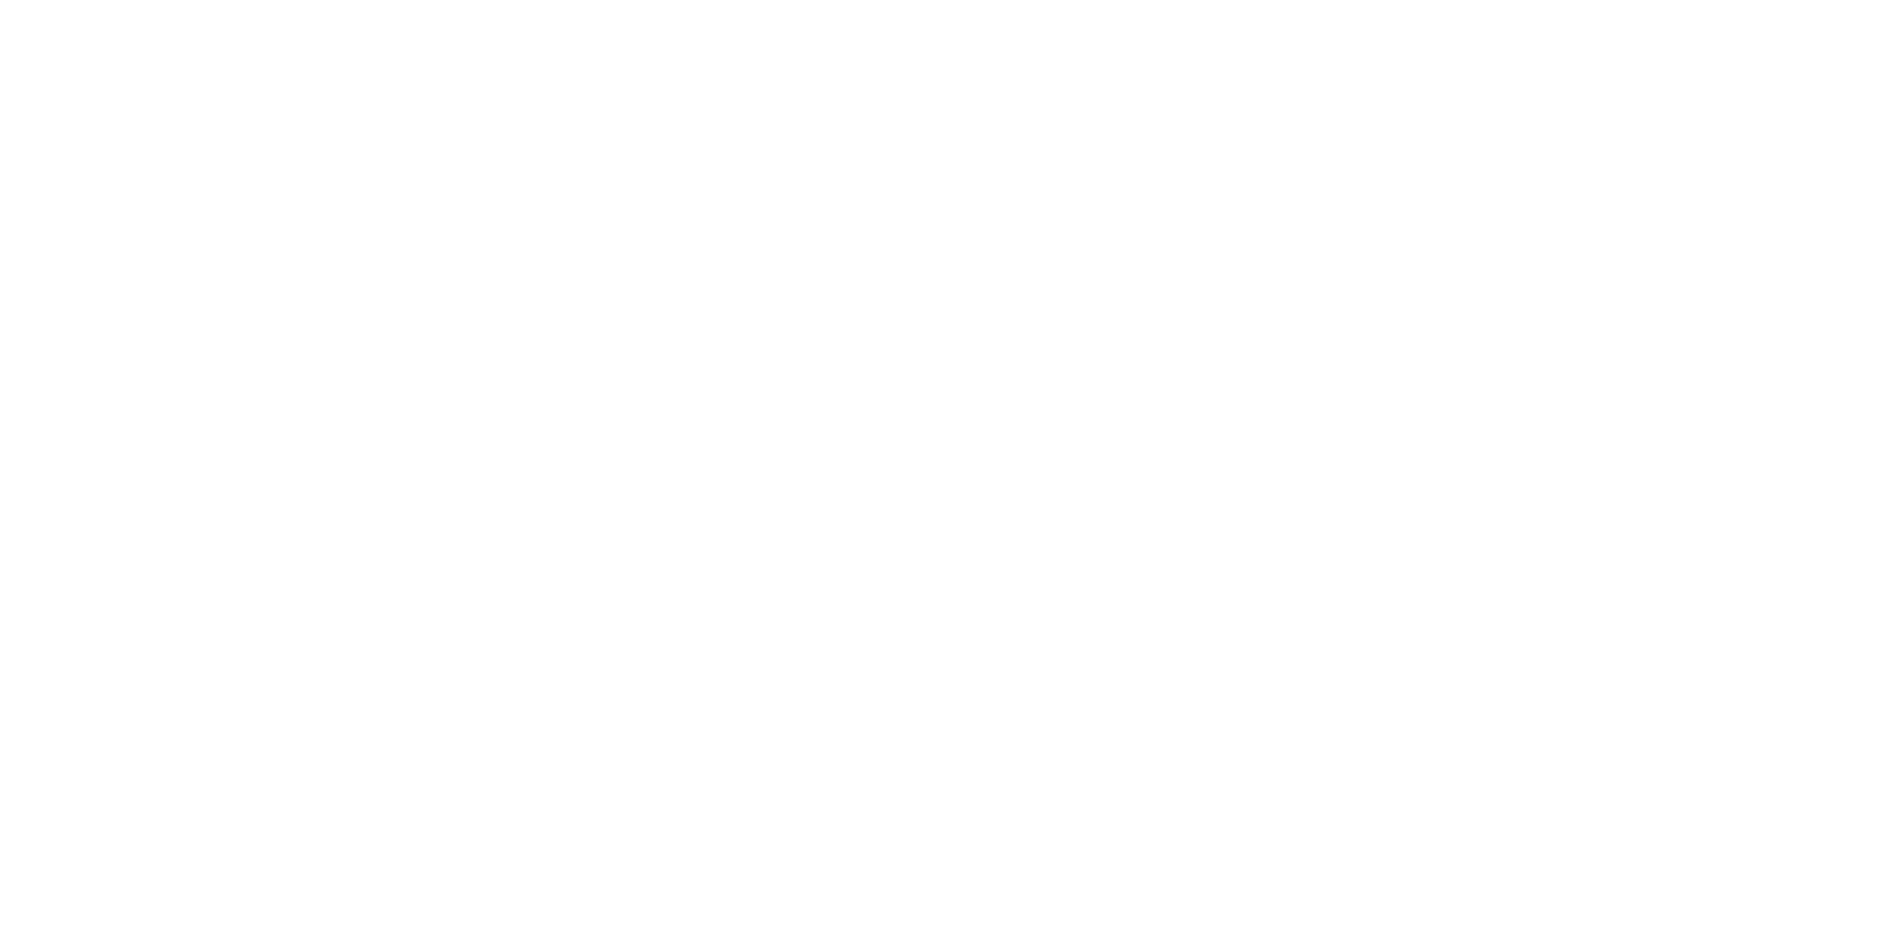 ventajas de marketing de contenidos